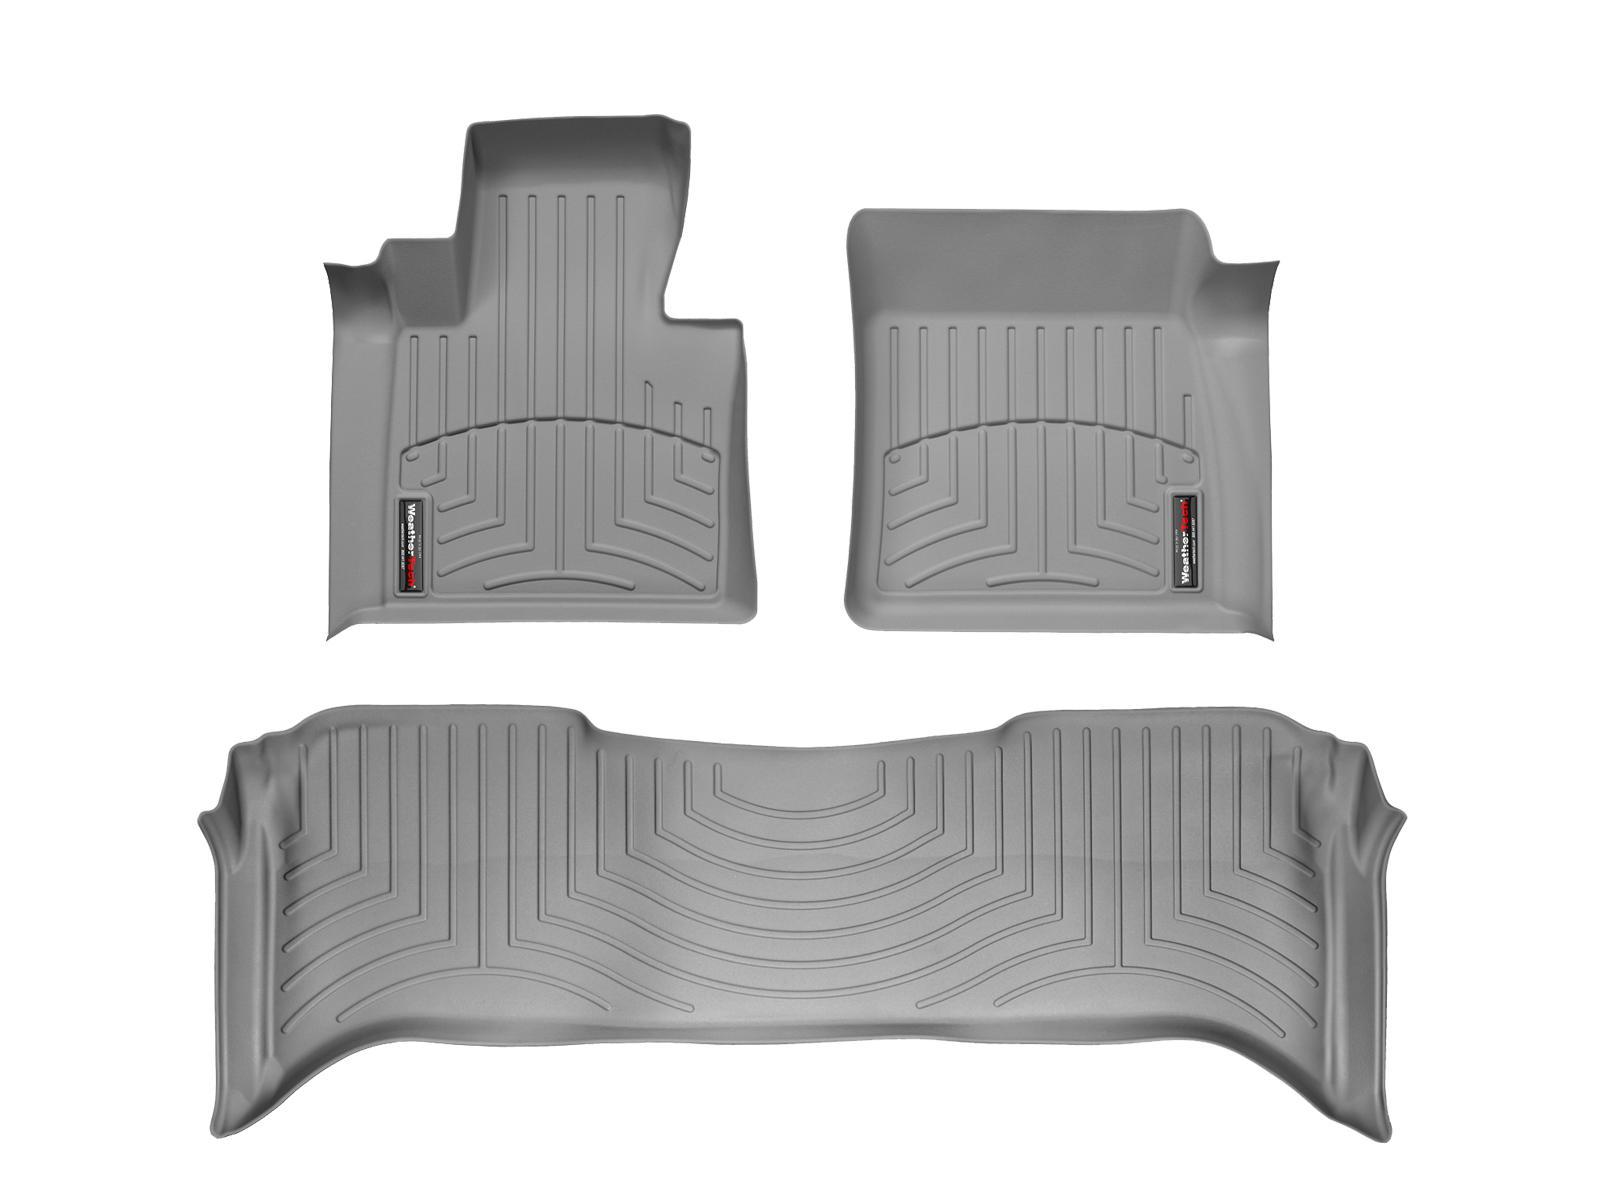 Tappeti gomma su misura bordo alto Land Rover 03>06 Grigio A1893*